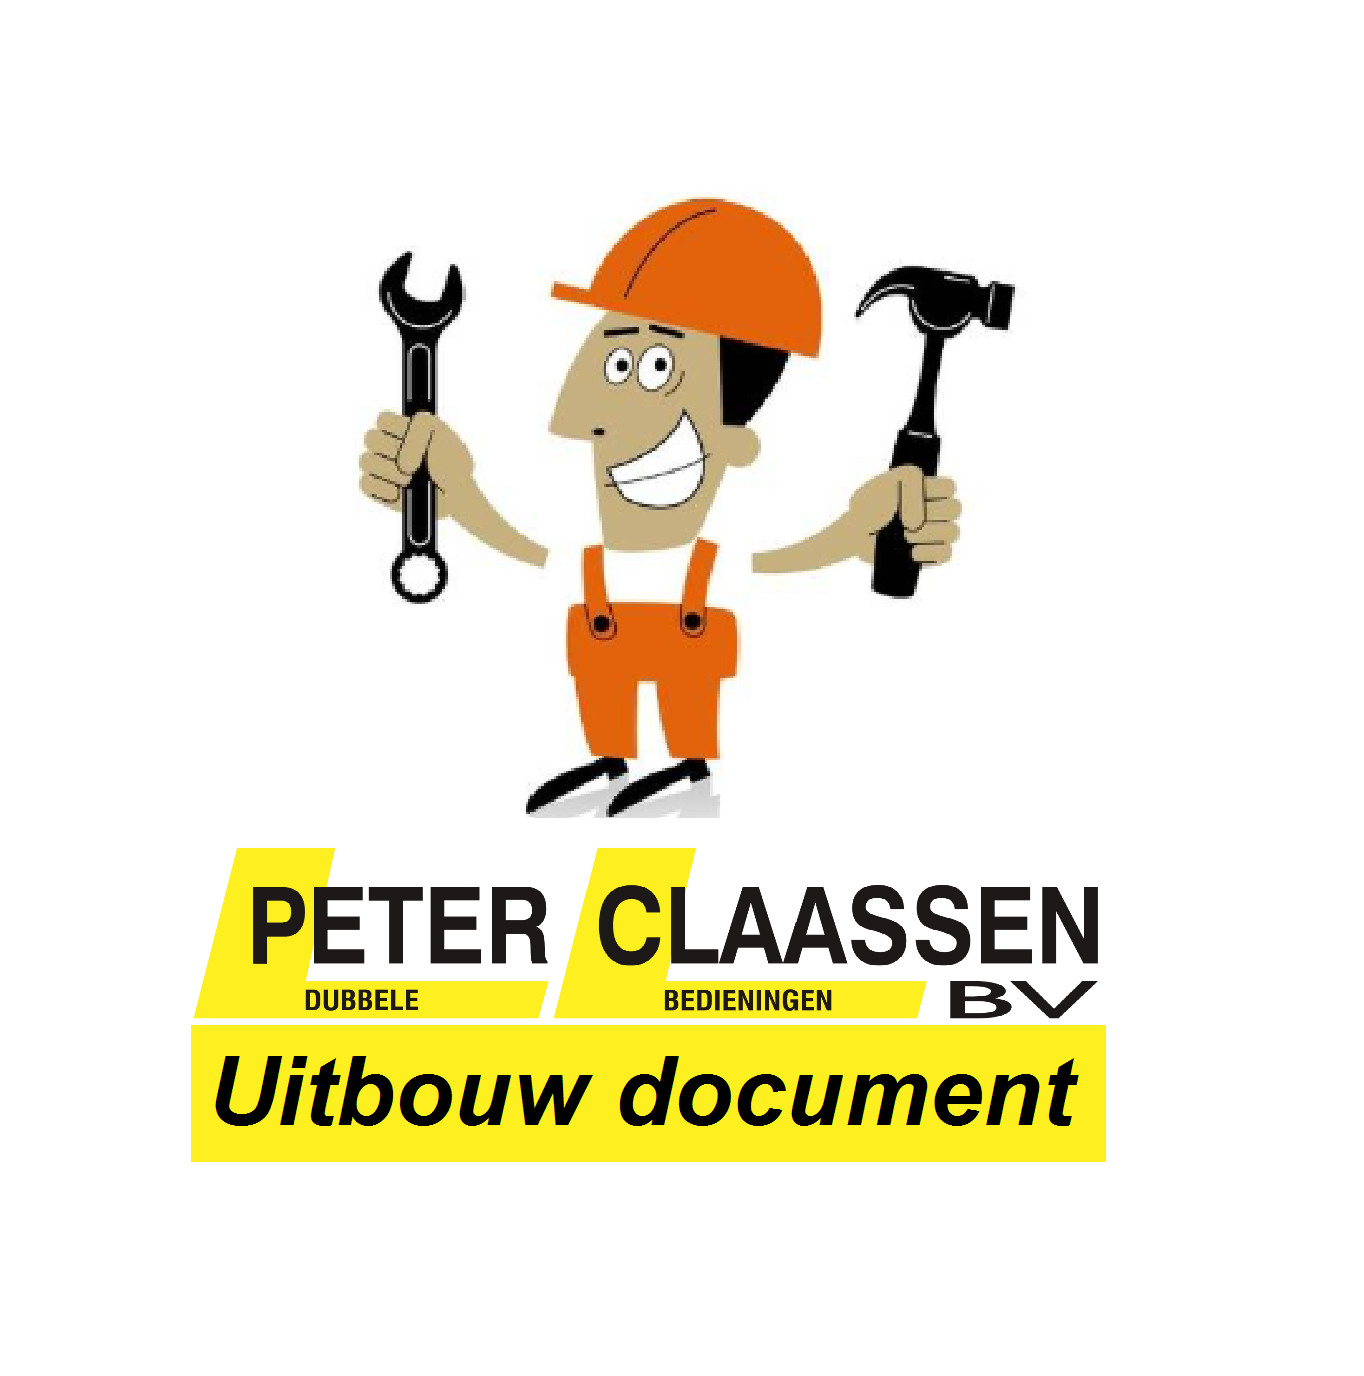 https://peterclaassen.nl/wp-content/uploads/2019/11/Uitbouw-document-overbouw-nog-wel-mogelijk.pdf